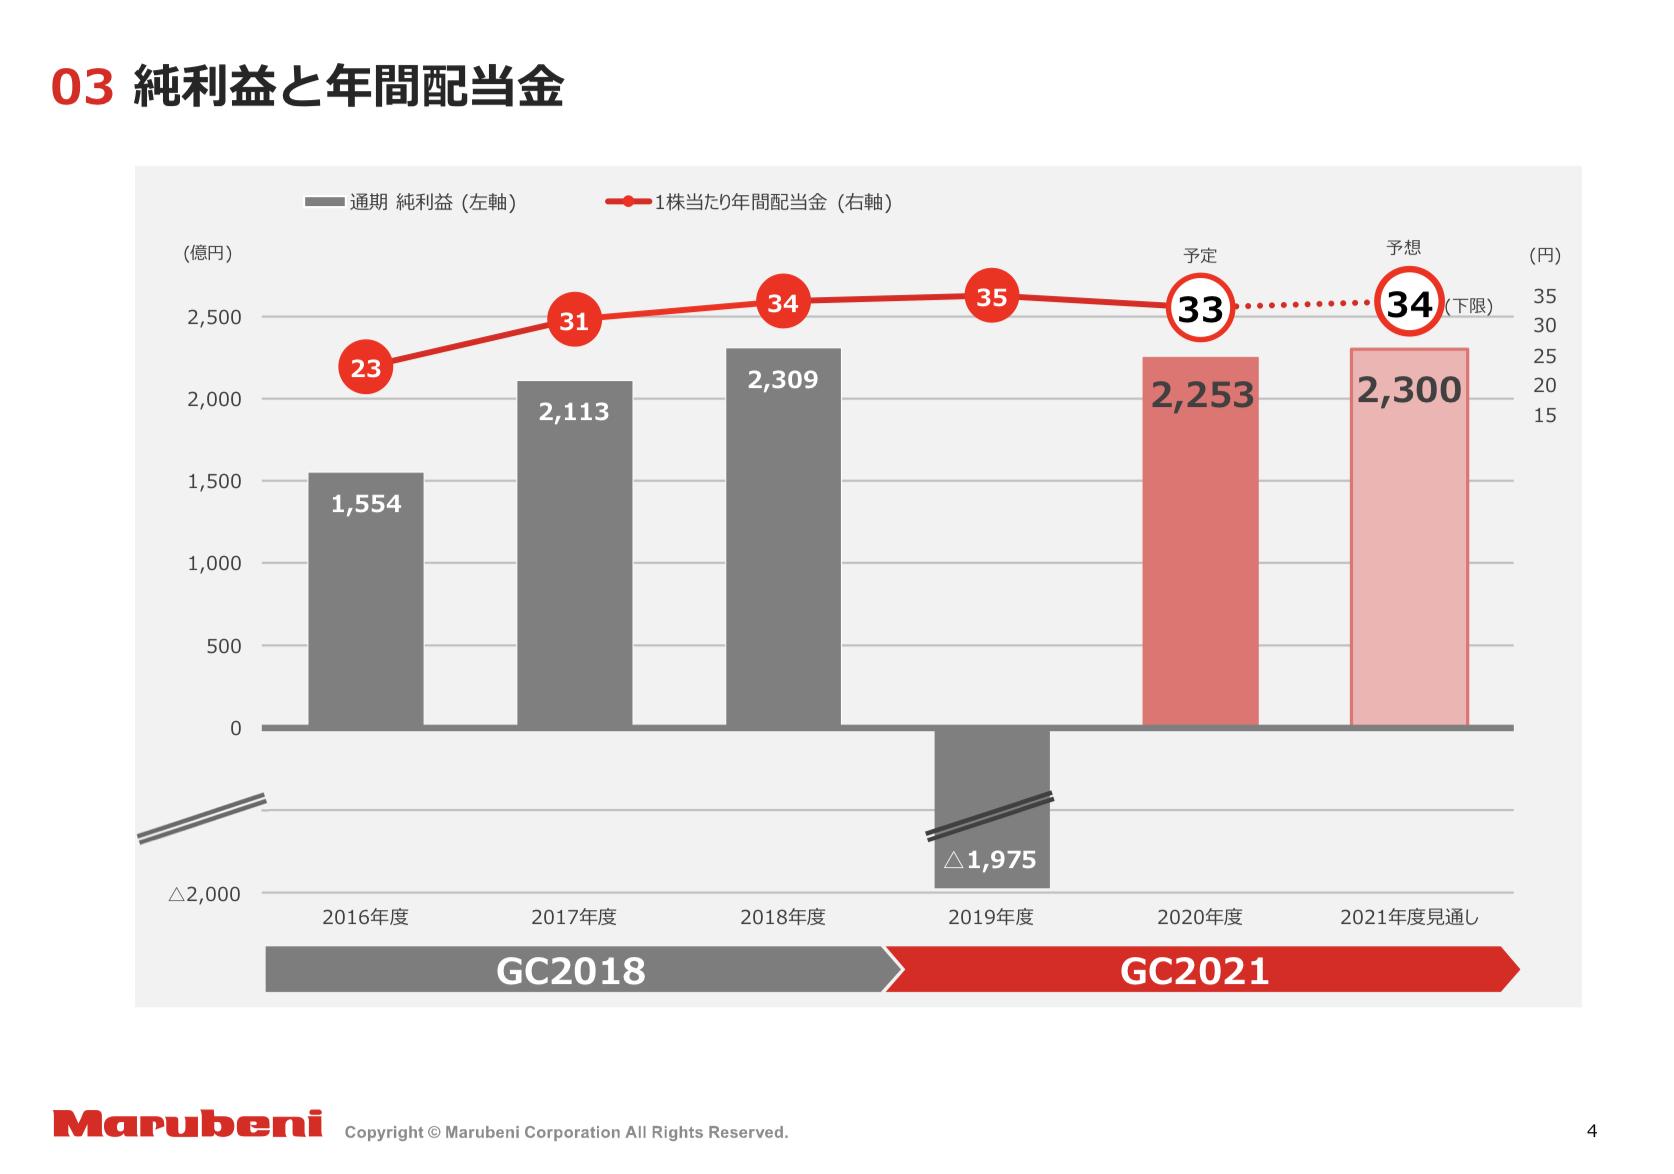 丸紅株式会社 2020年度 決算 IR資料